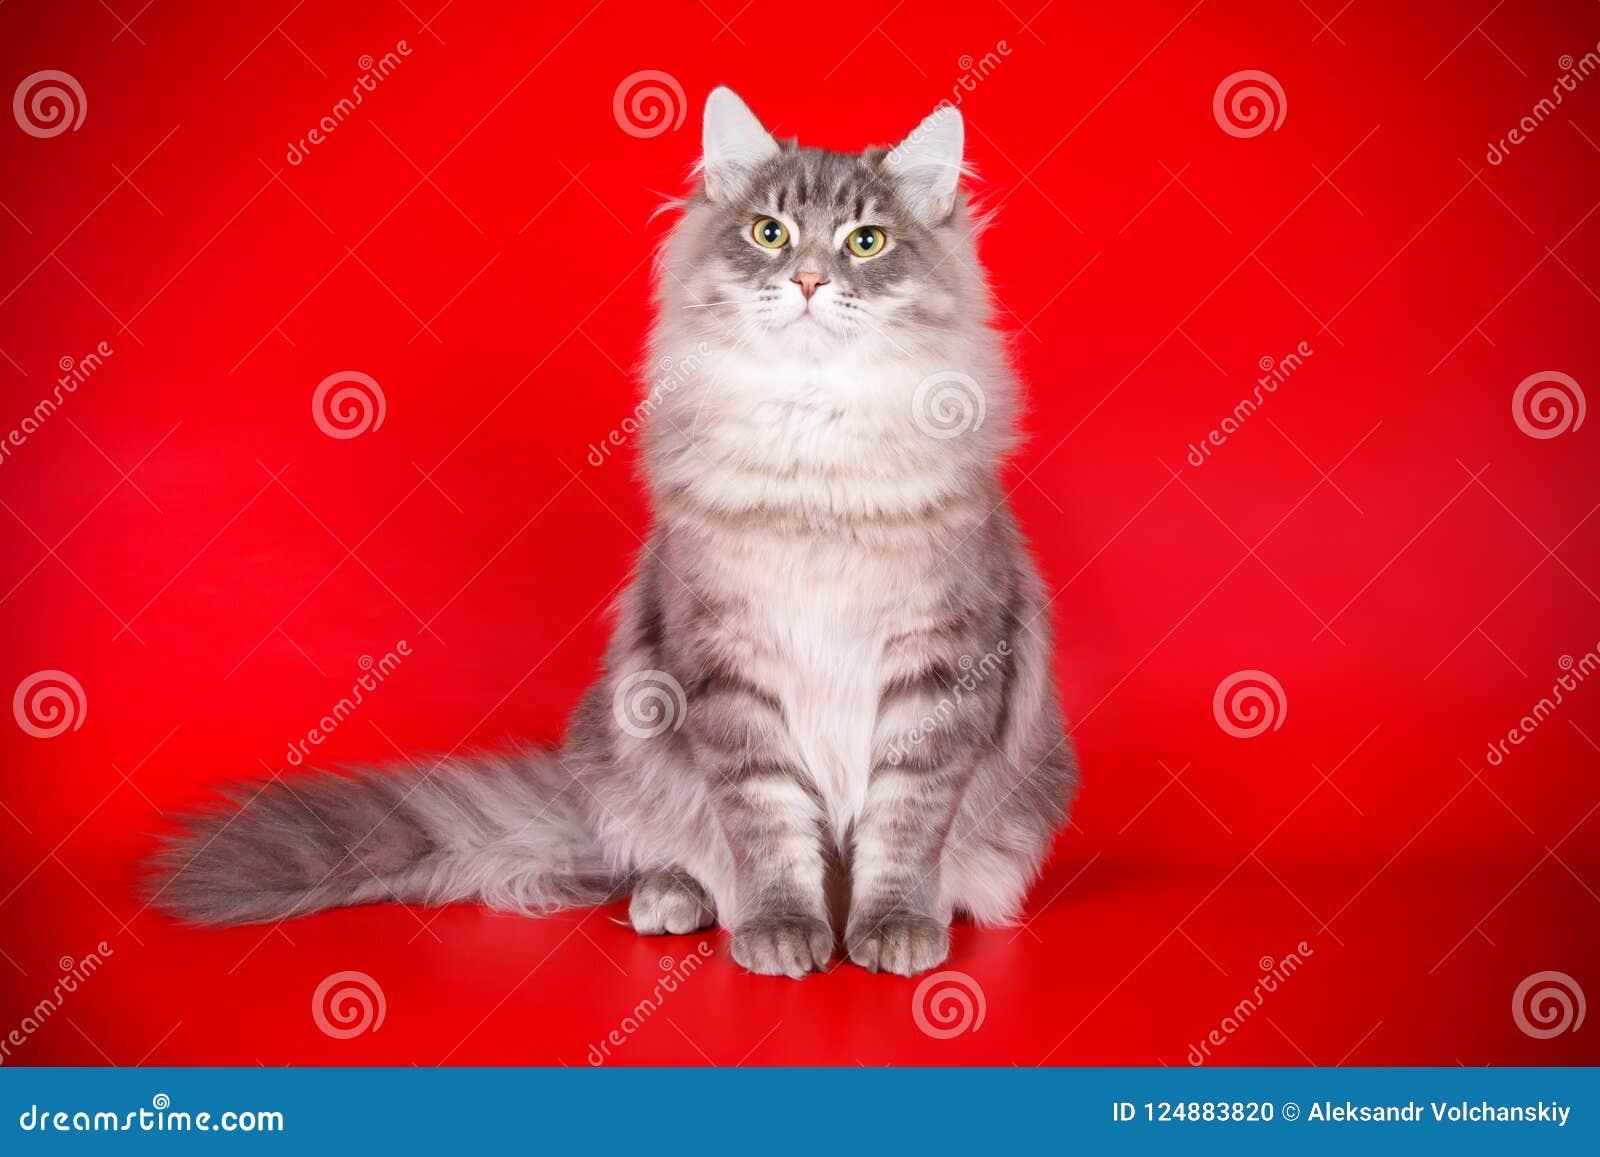 Sibirische Katze auf farbigen Hintergründen